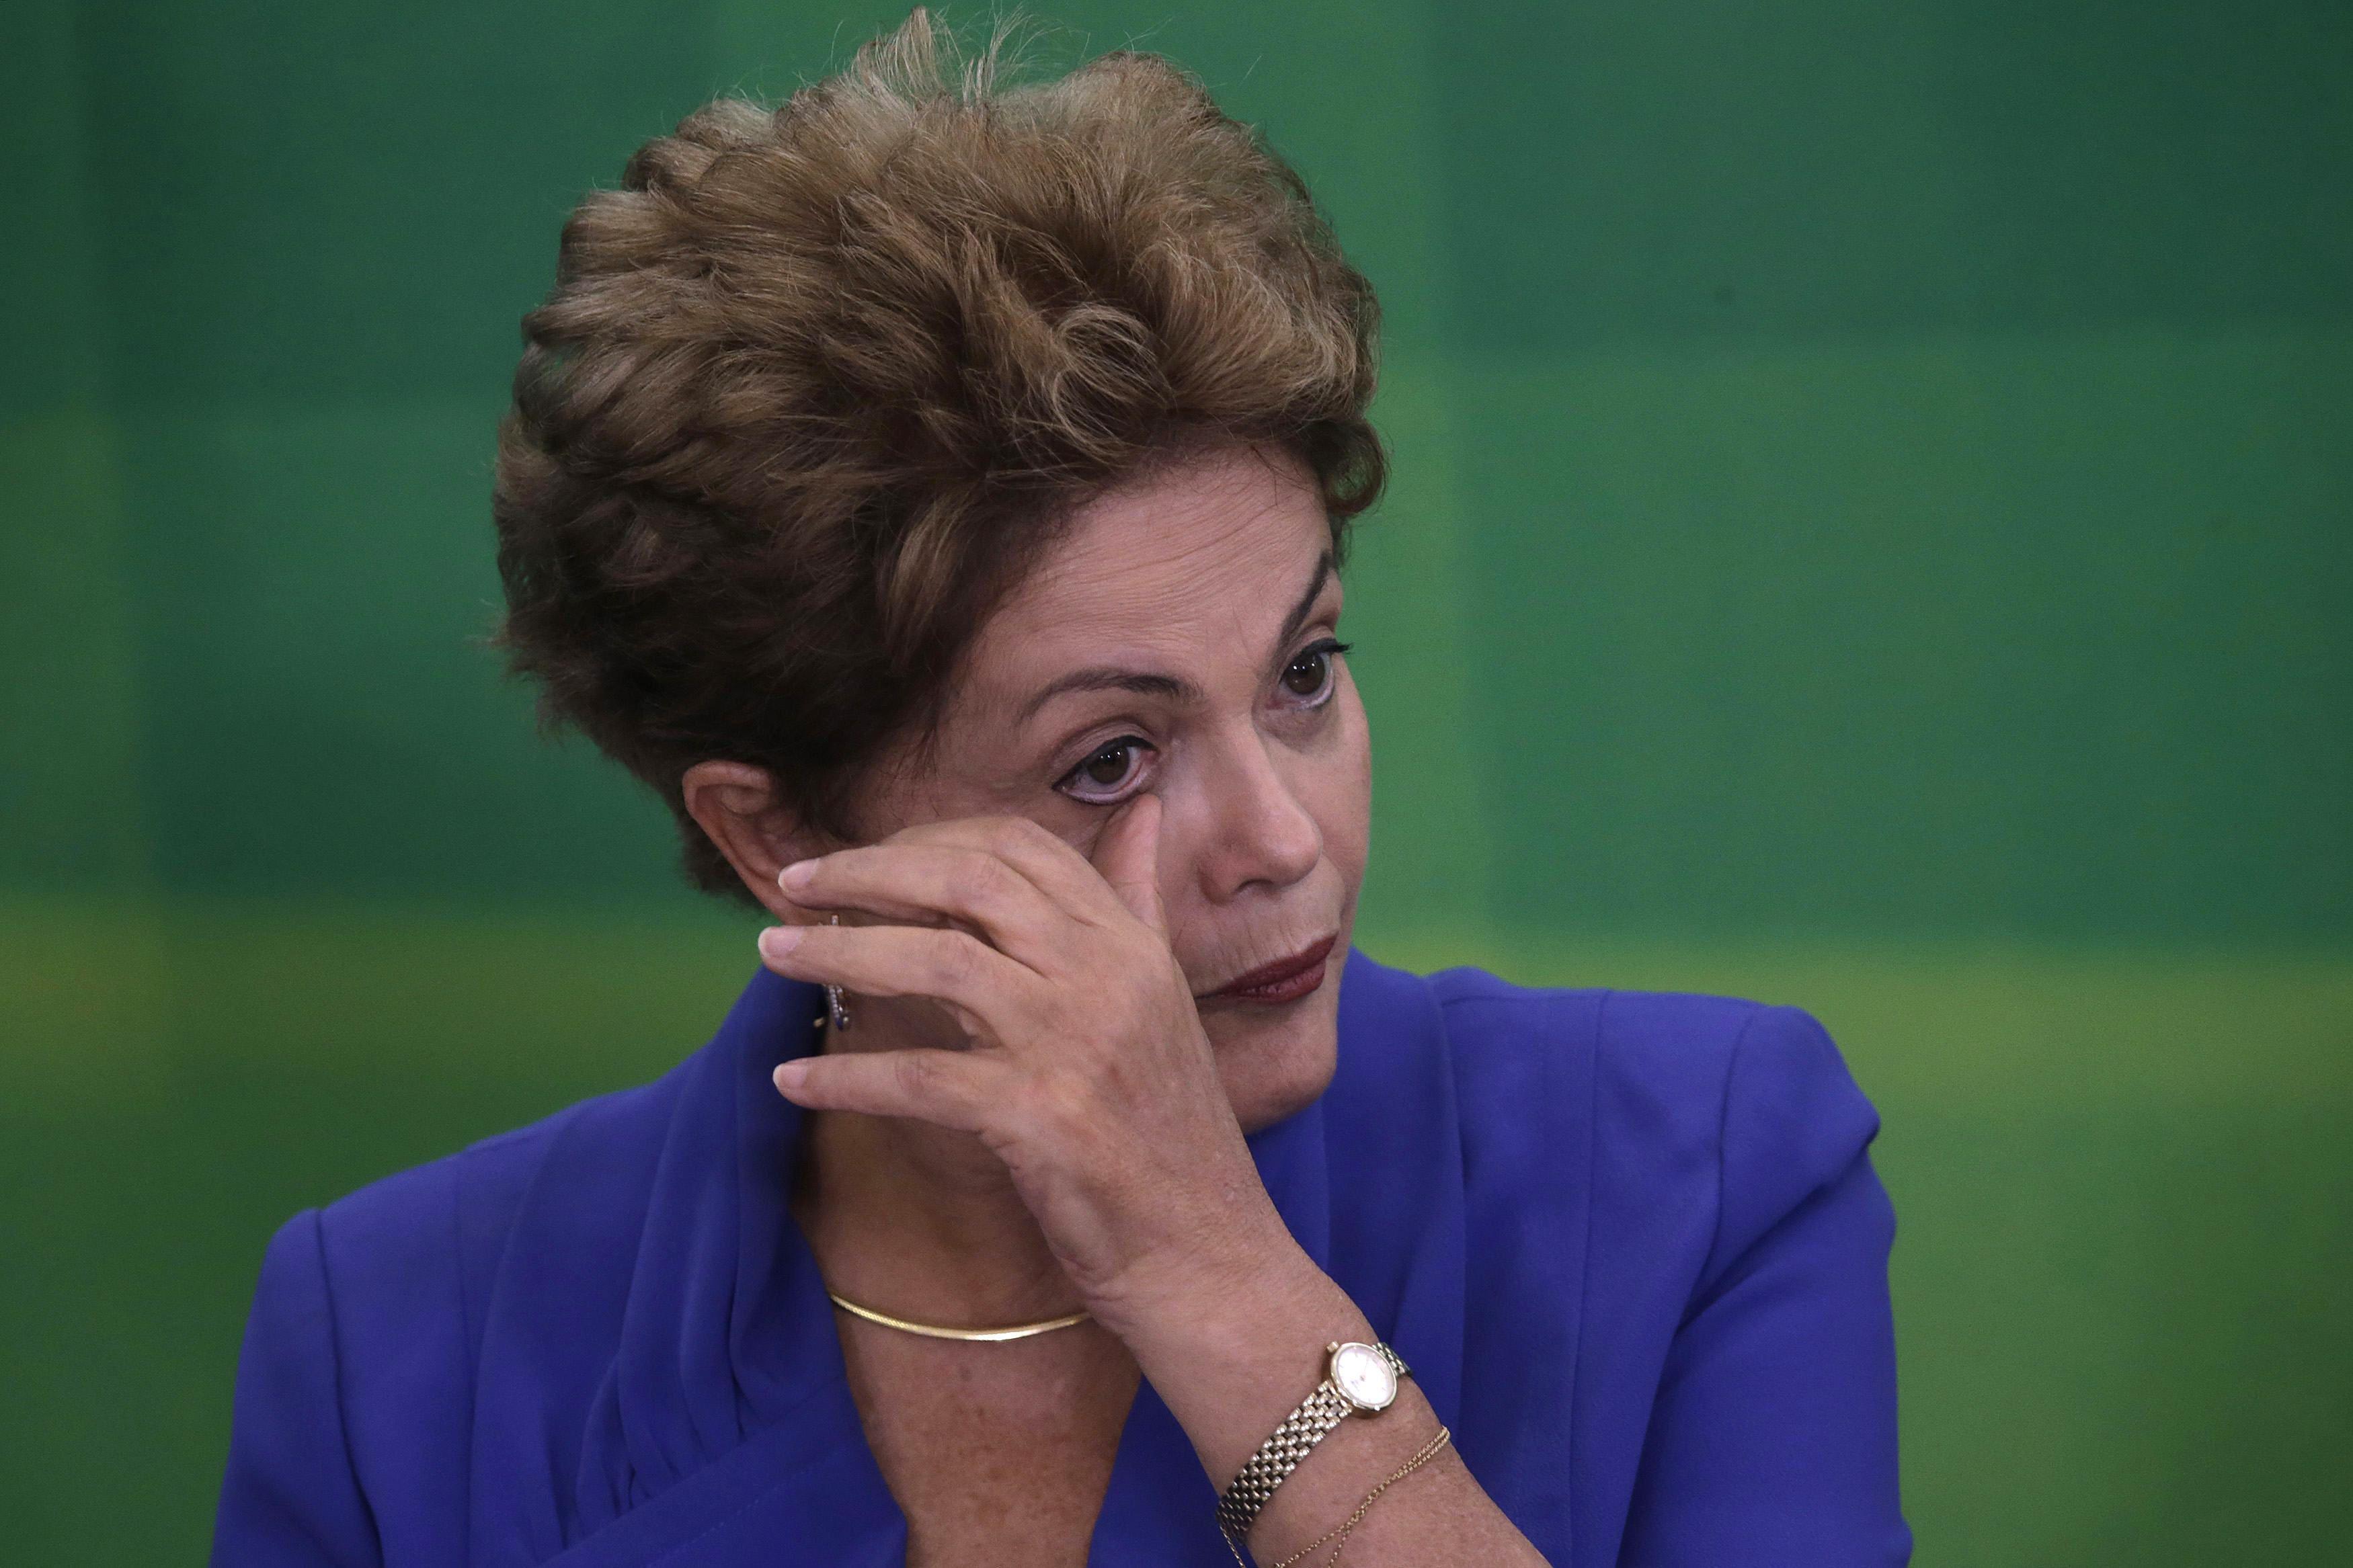 Derrumbe. Rousseff no logra controlar el descontento de los brasileños.